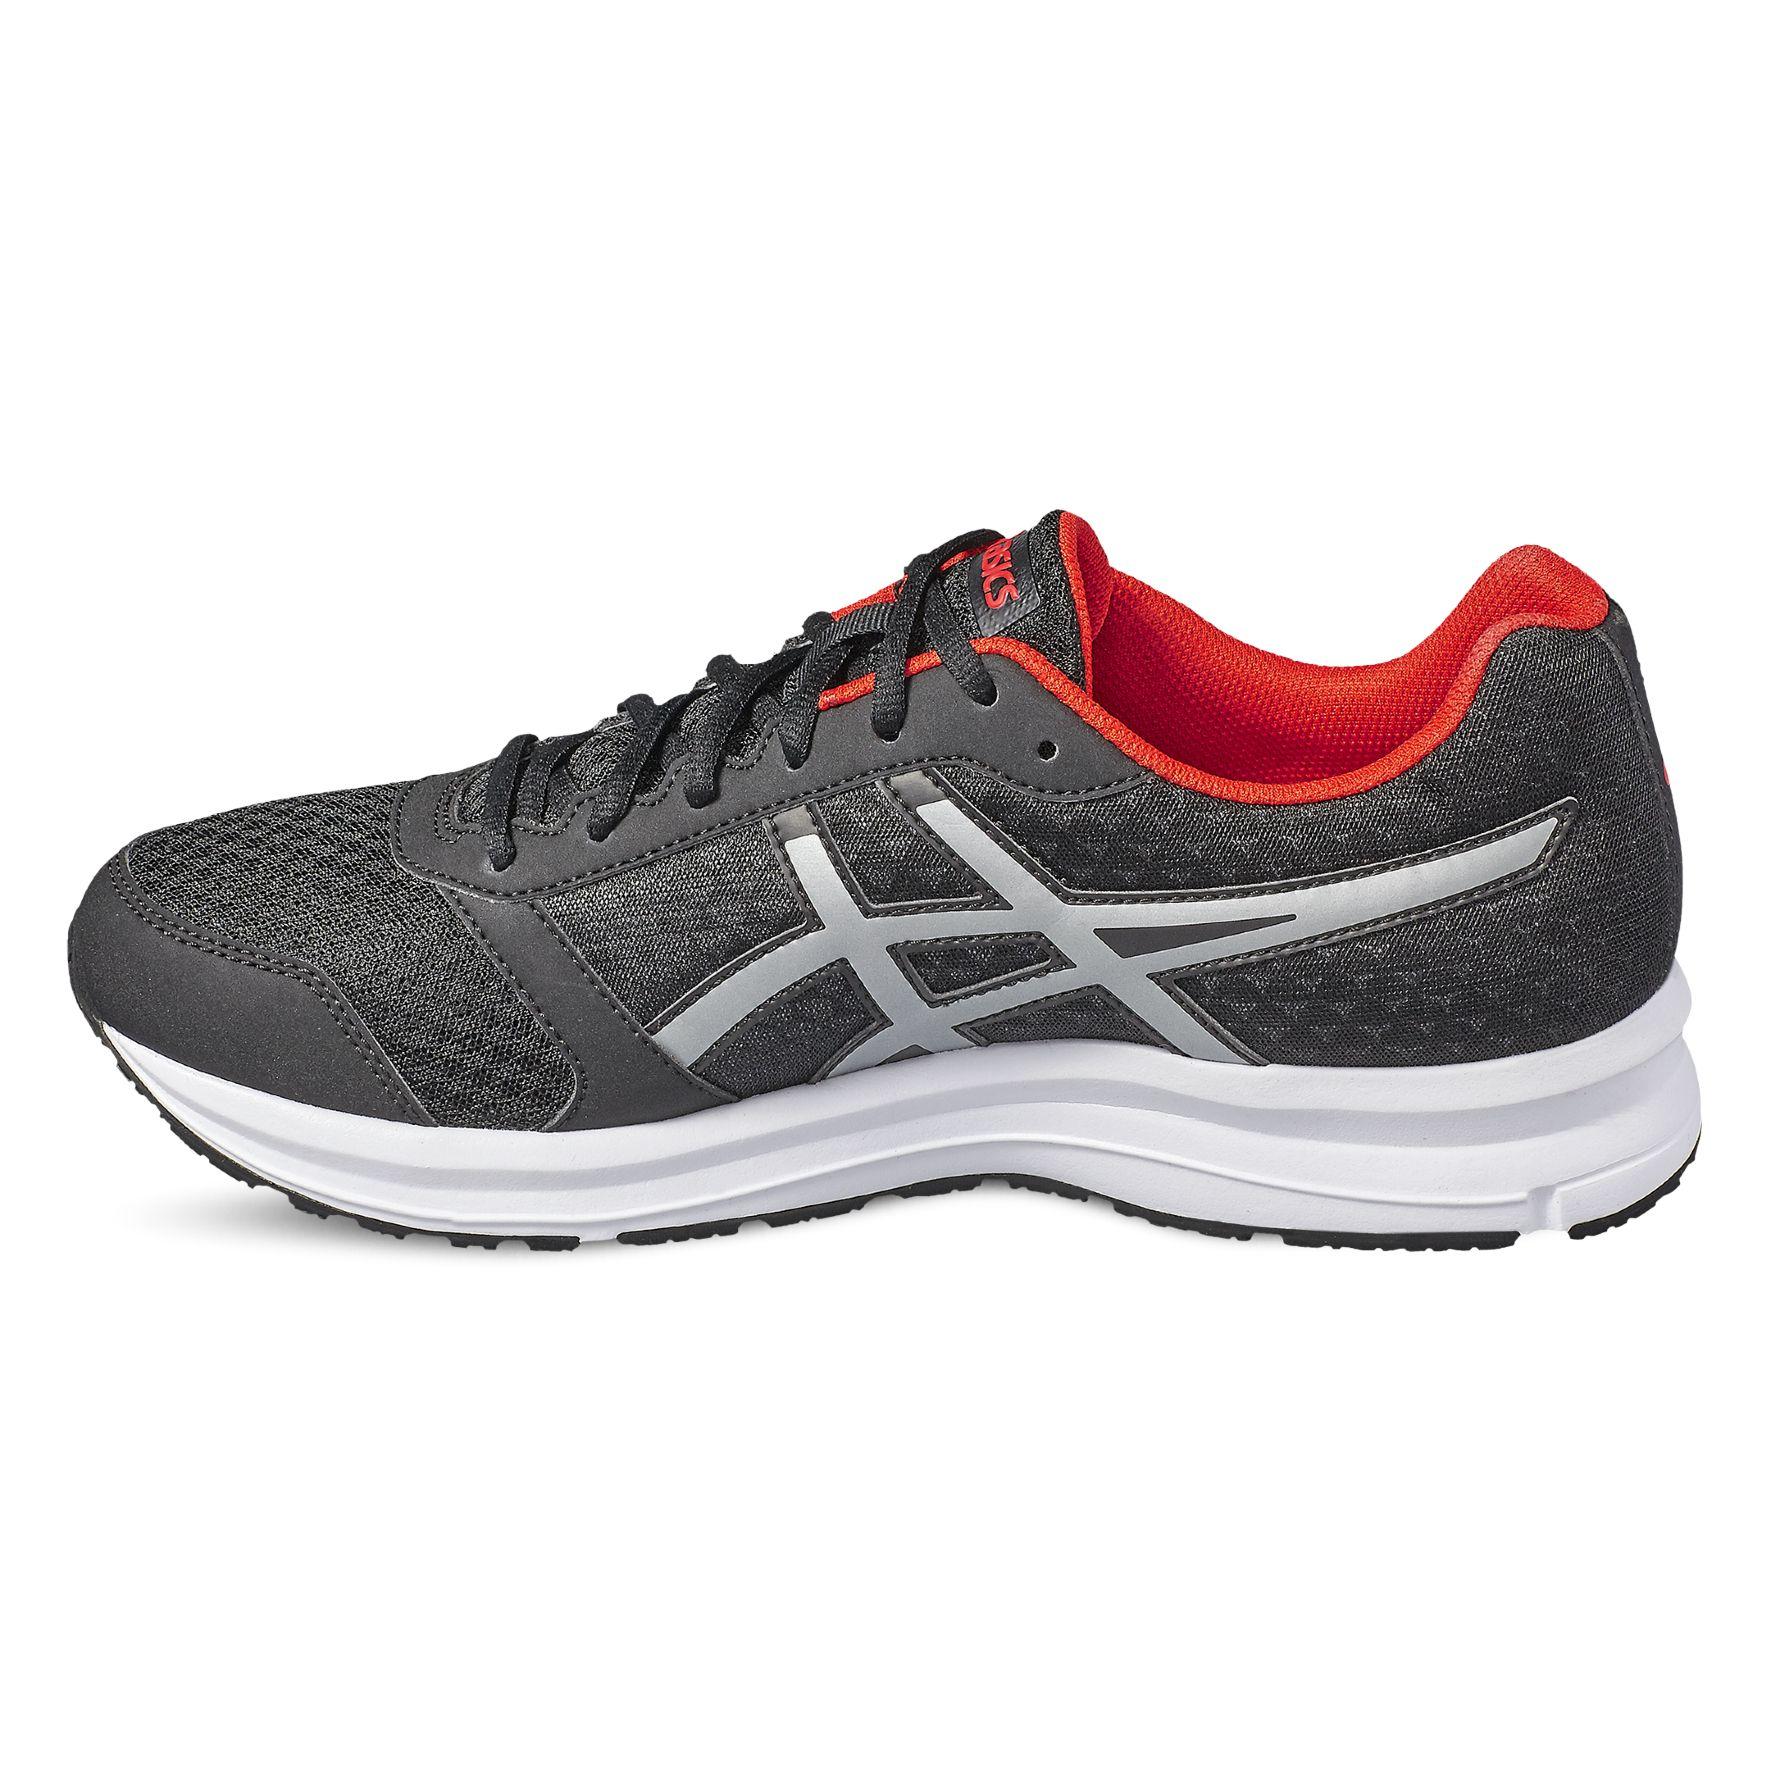 Asics Patriot  Mens Running Shoes